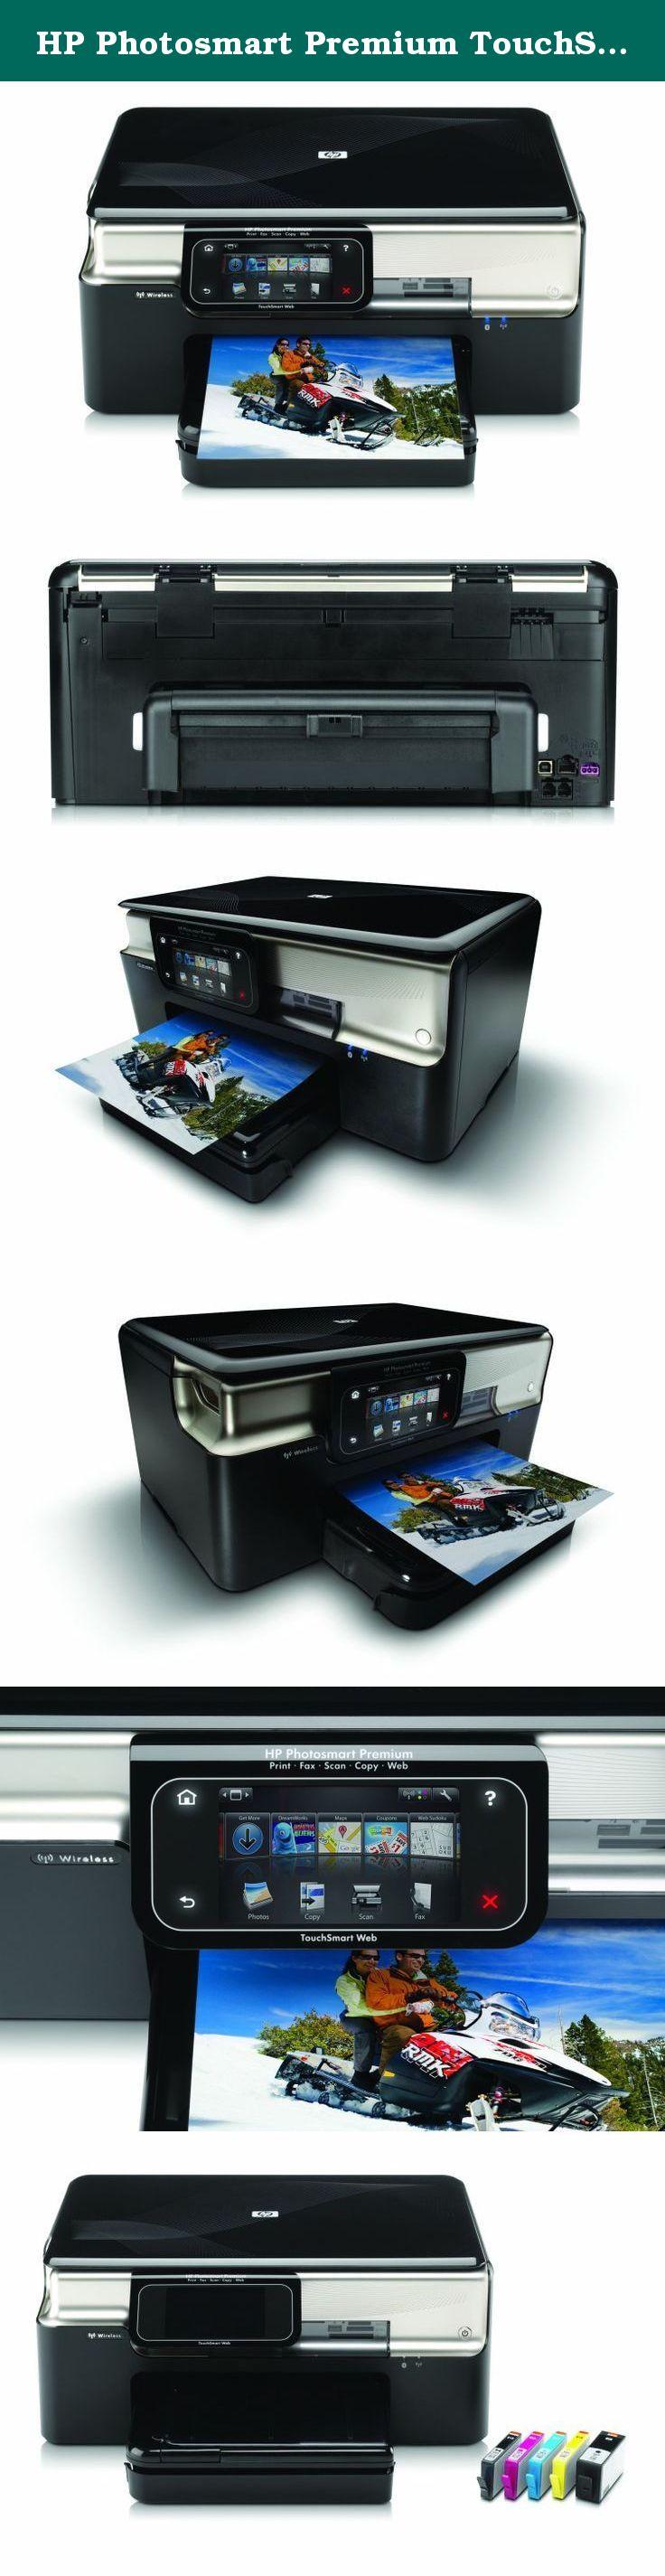 HP smart Premium TouchSmart Web All in e Printer HP smart Premium Web